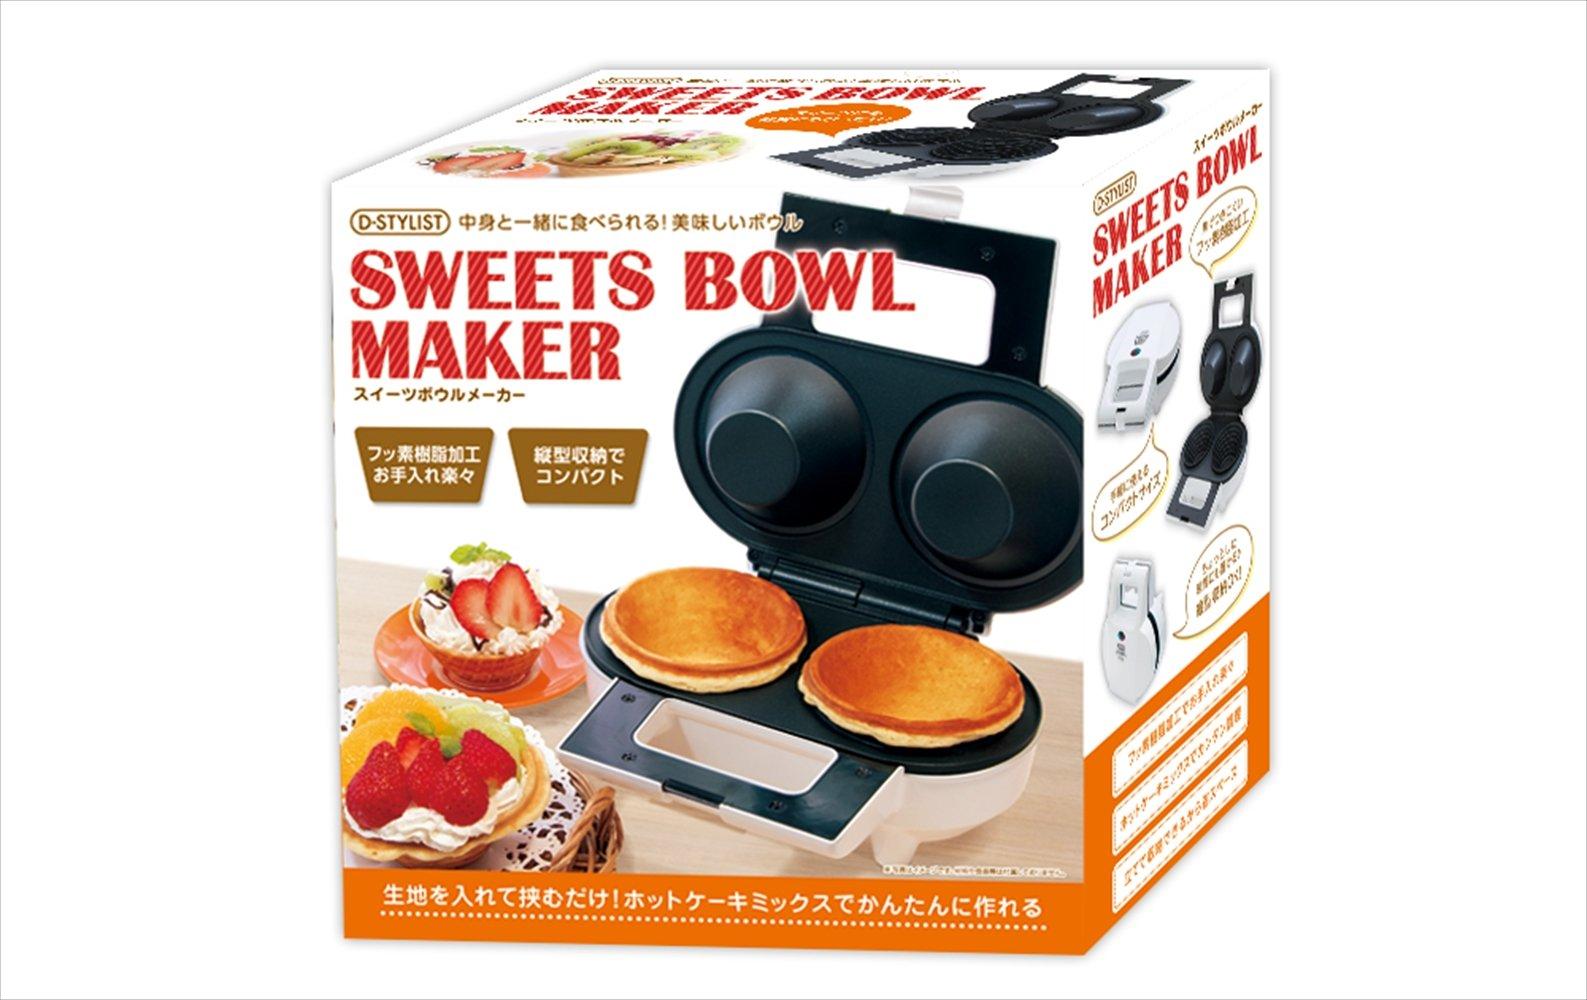 D-STYLIST 【Sweet Bowl Maker】KK-00340 by Peanuts-Club (Image #4)